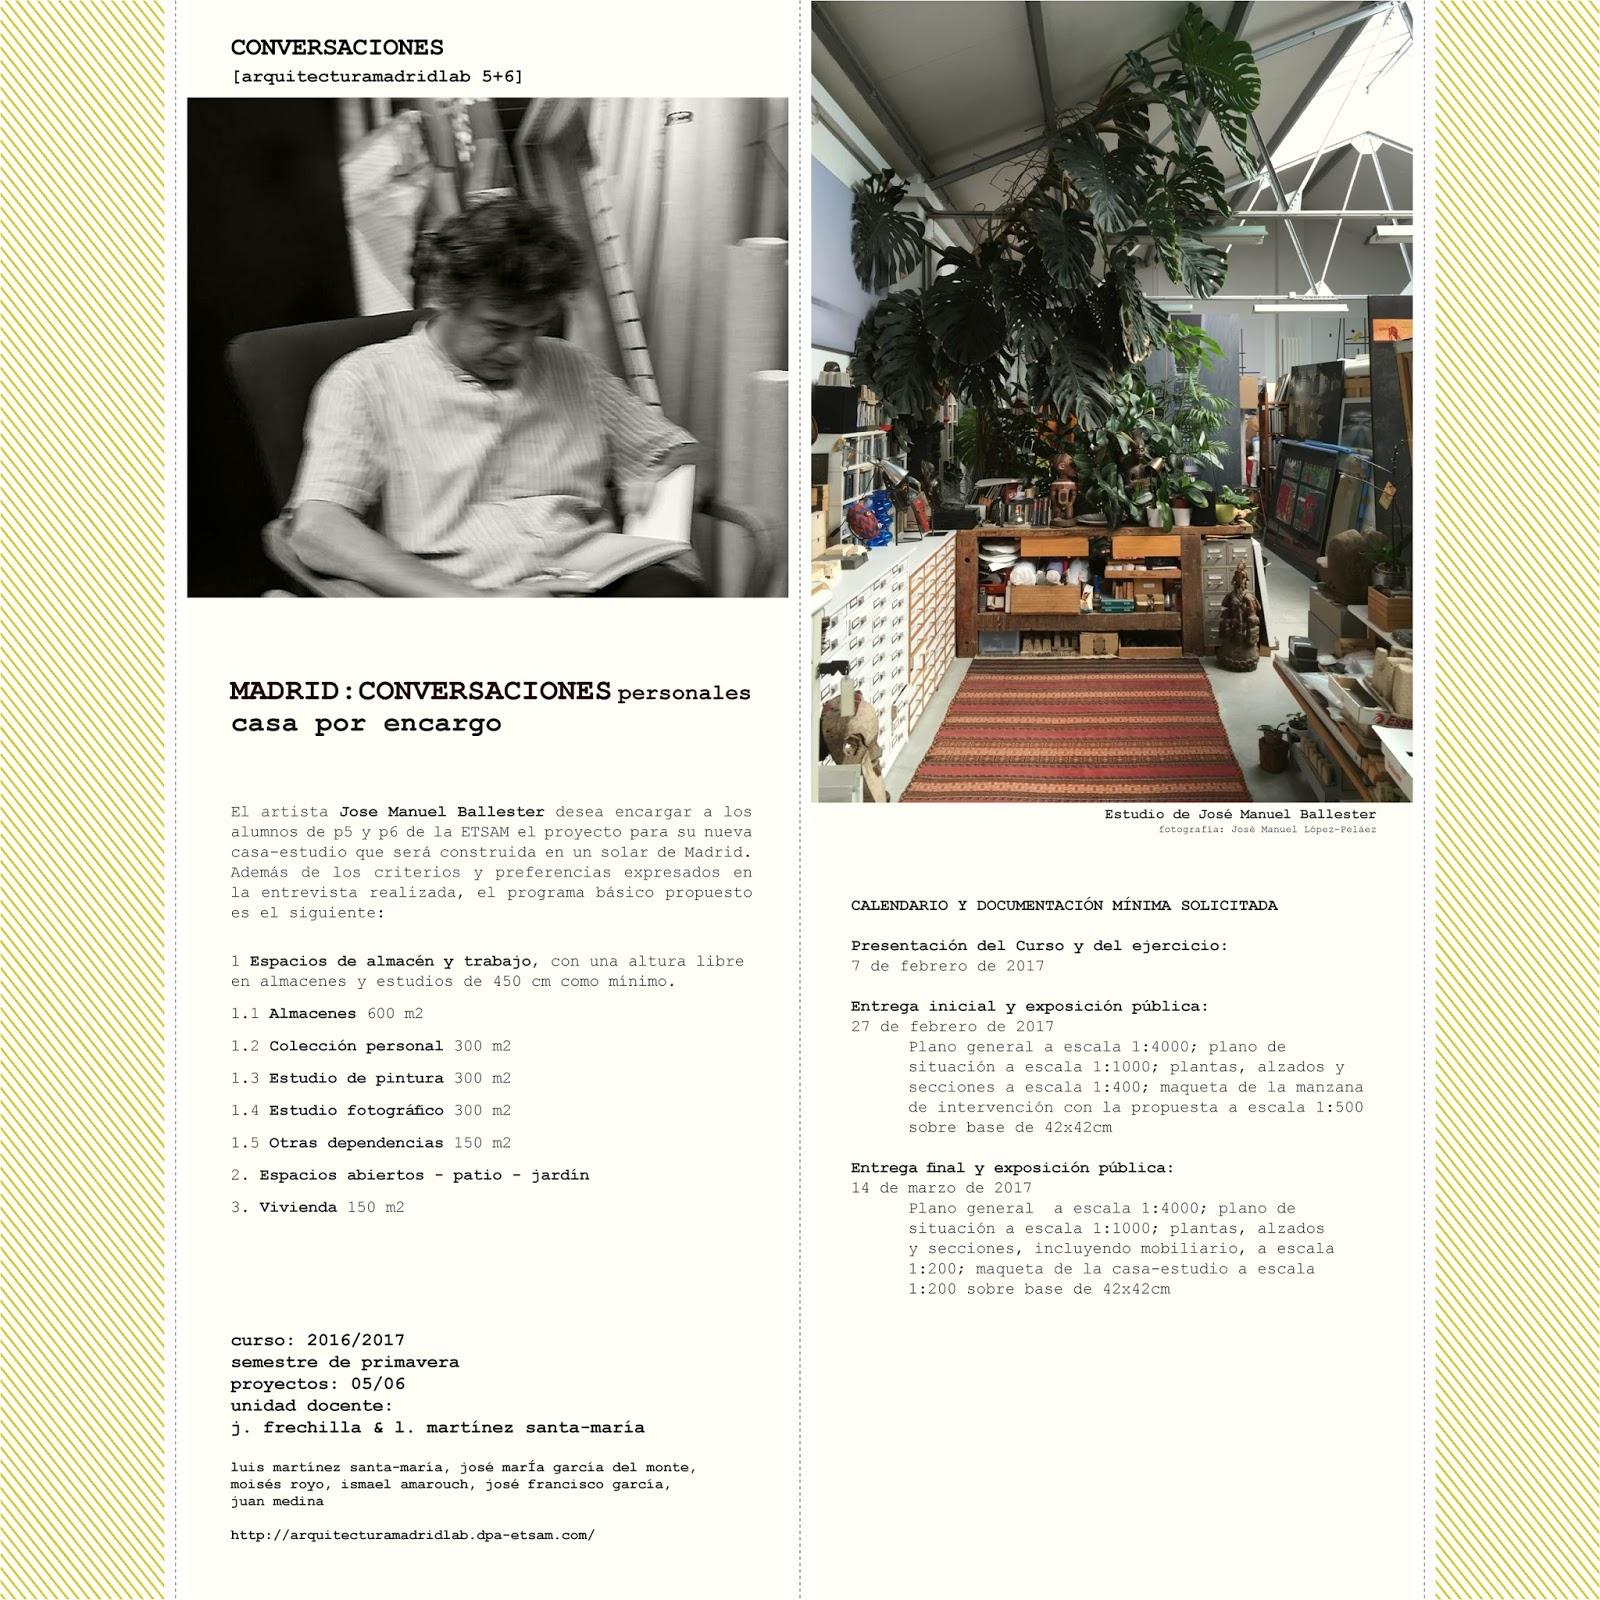 curso de arquitectura pdf jos francisco garcia sanchez arquitecto architect